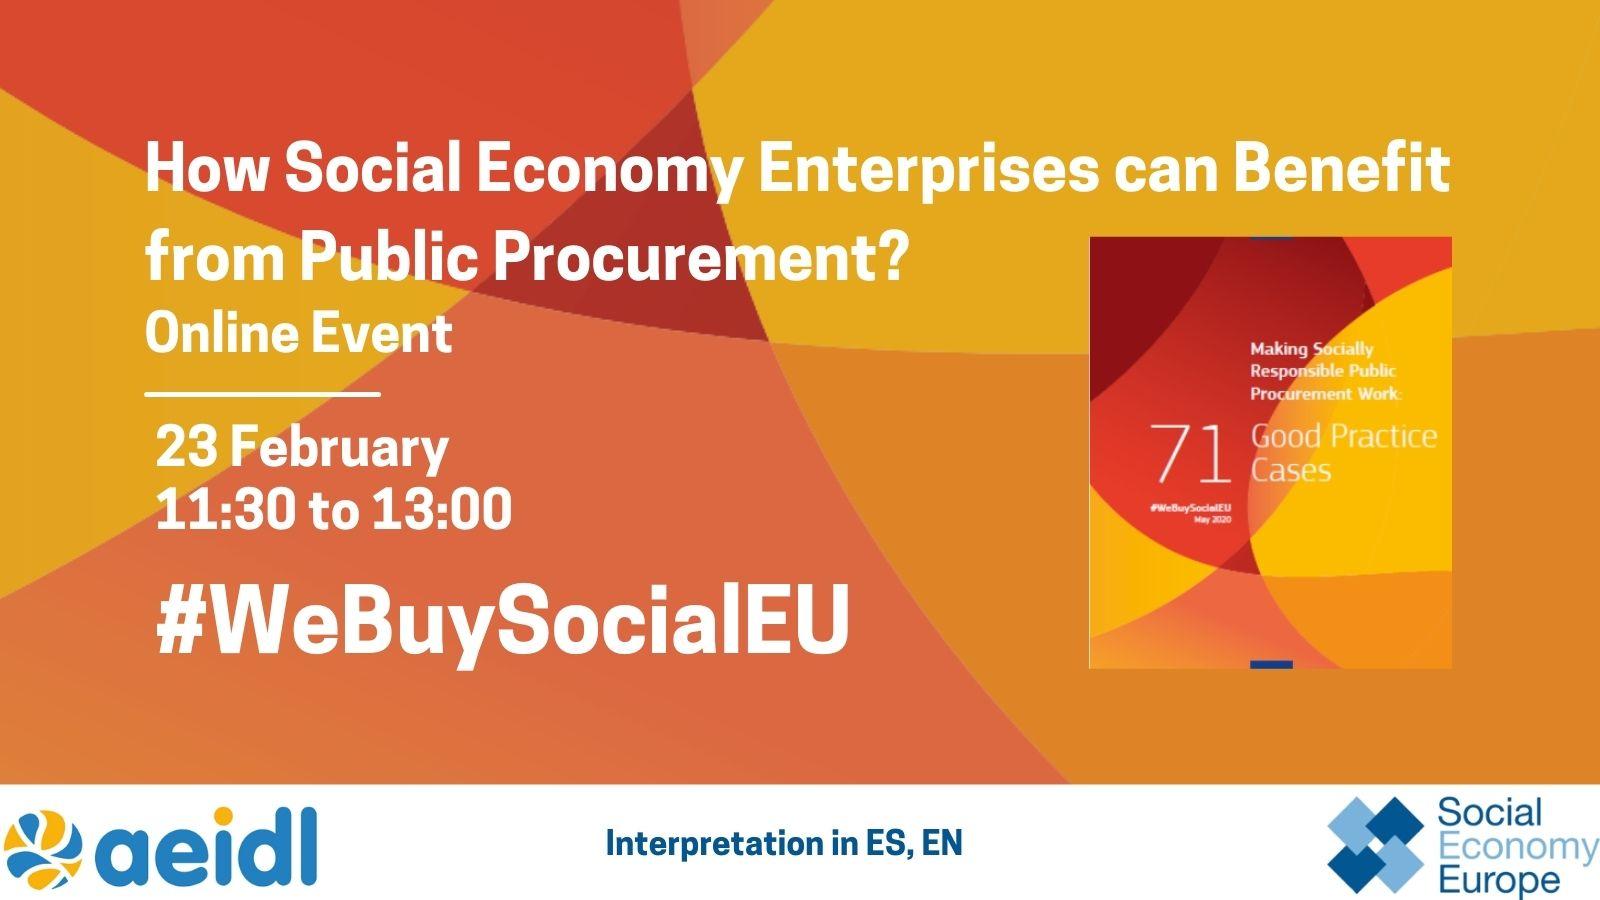 ¿Cómo pueden beneficiarse las empresas de la economía social de la contratación pública?